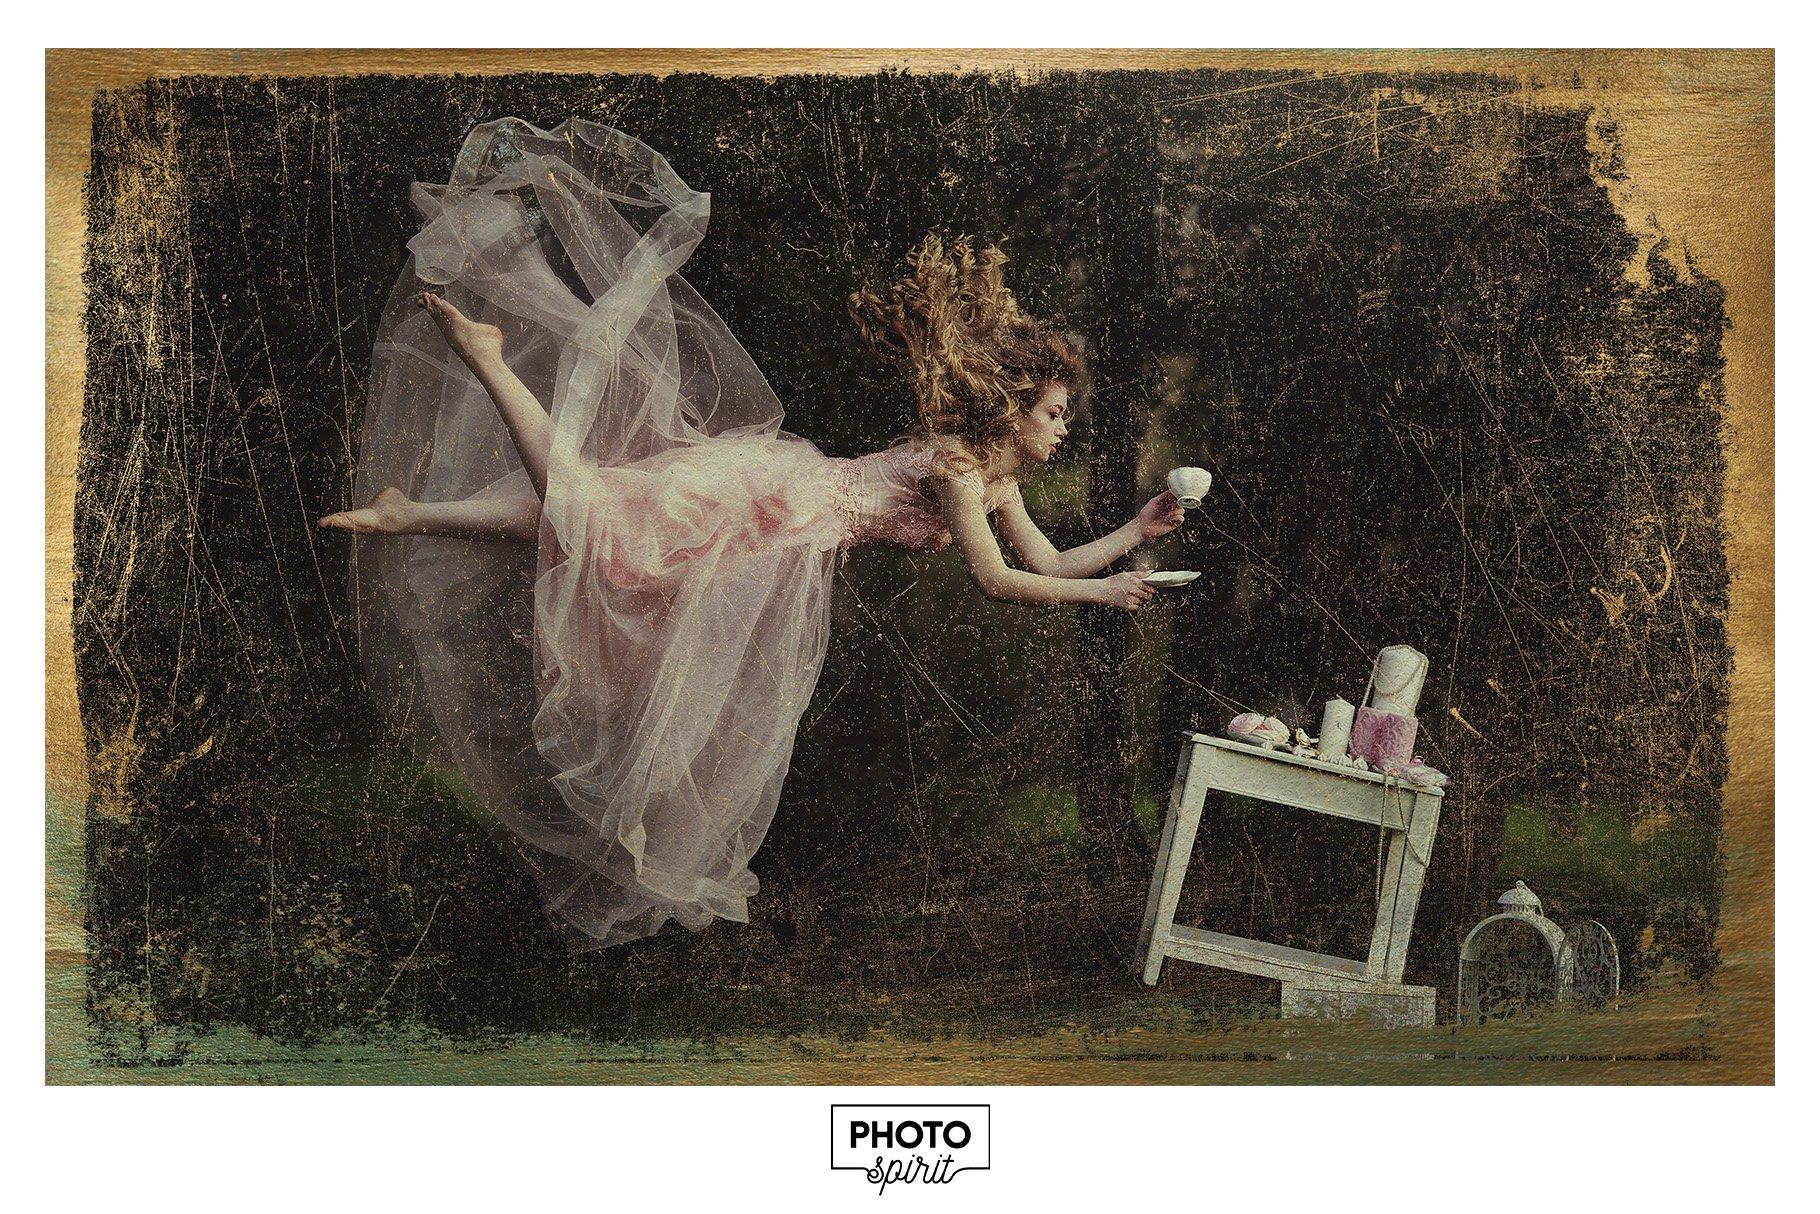 金色光泽铜绿划痕飞溅照片叠加层效果PS素材 Golden Patina Photo Effect插图(4)